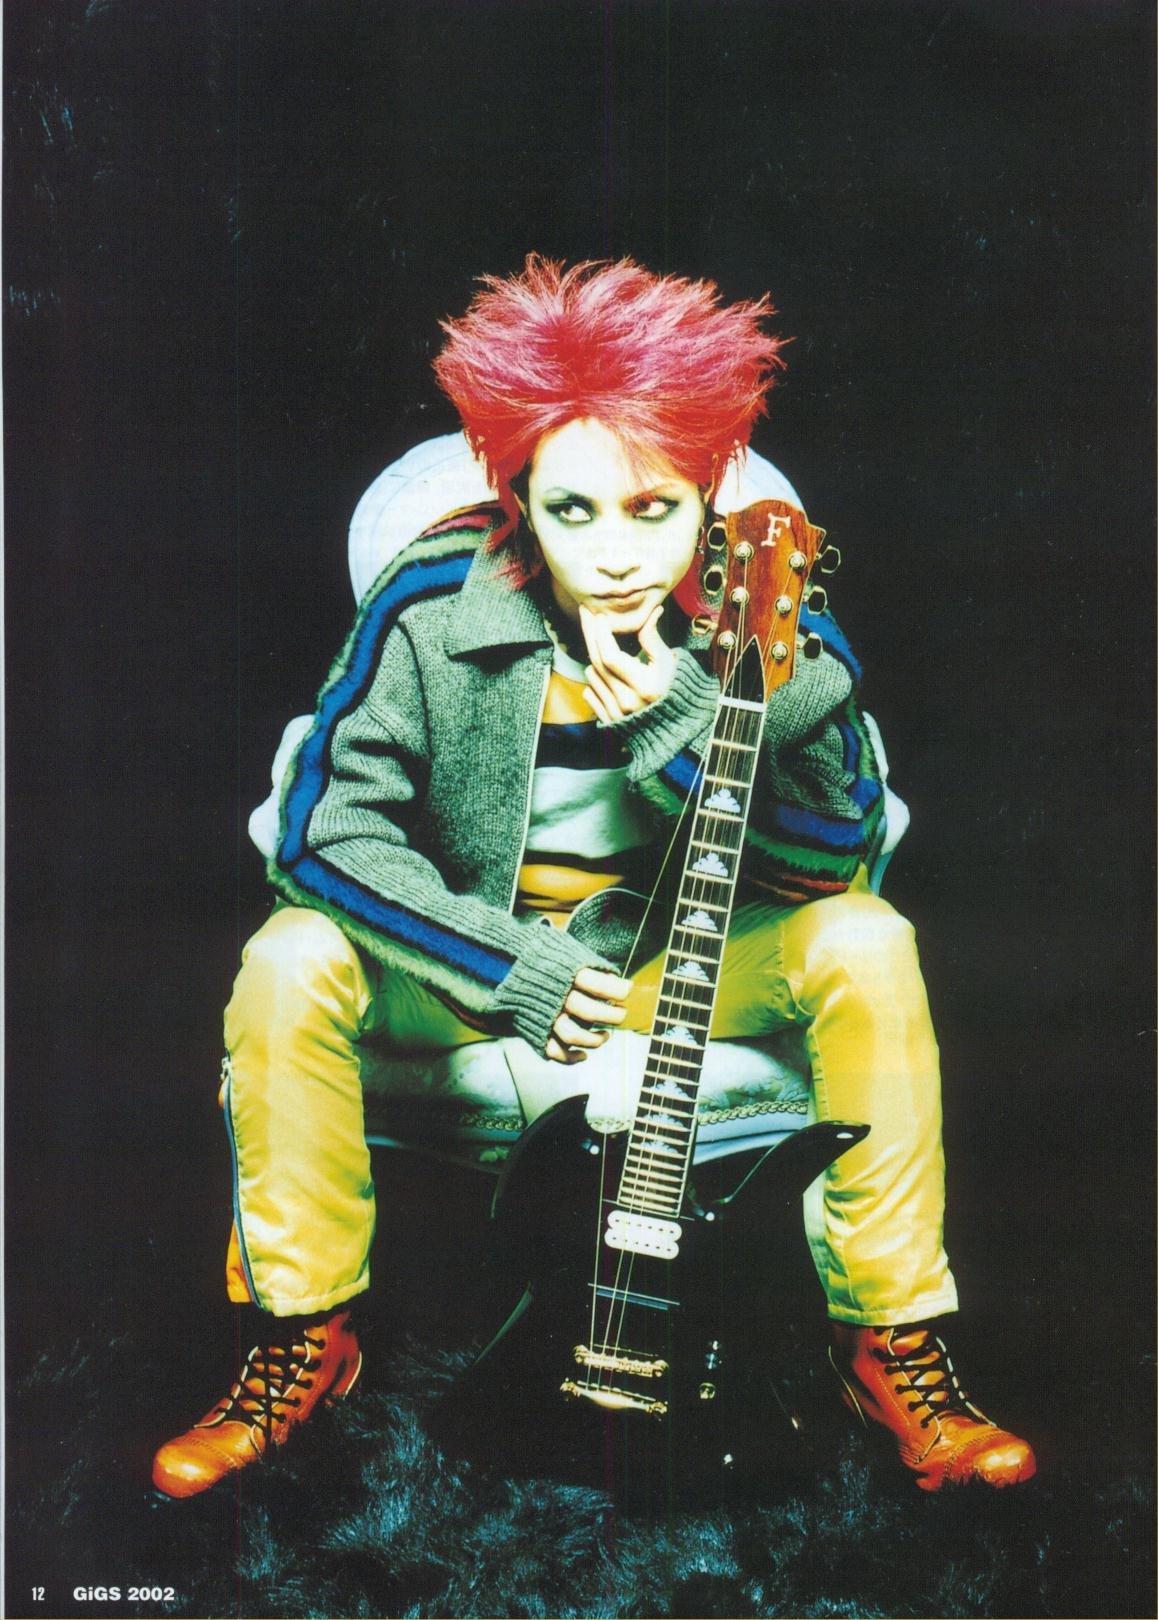 Xjapan 伝説のギタリストhideの功績 赤髪のギターヒーローのjunk